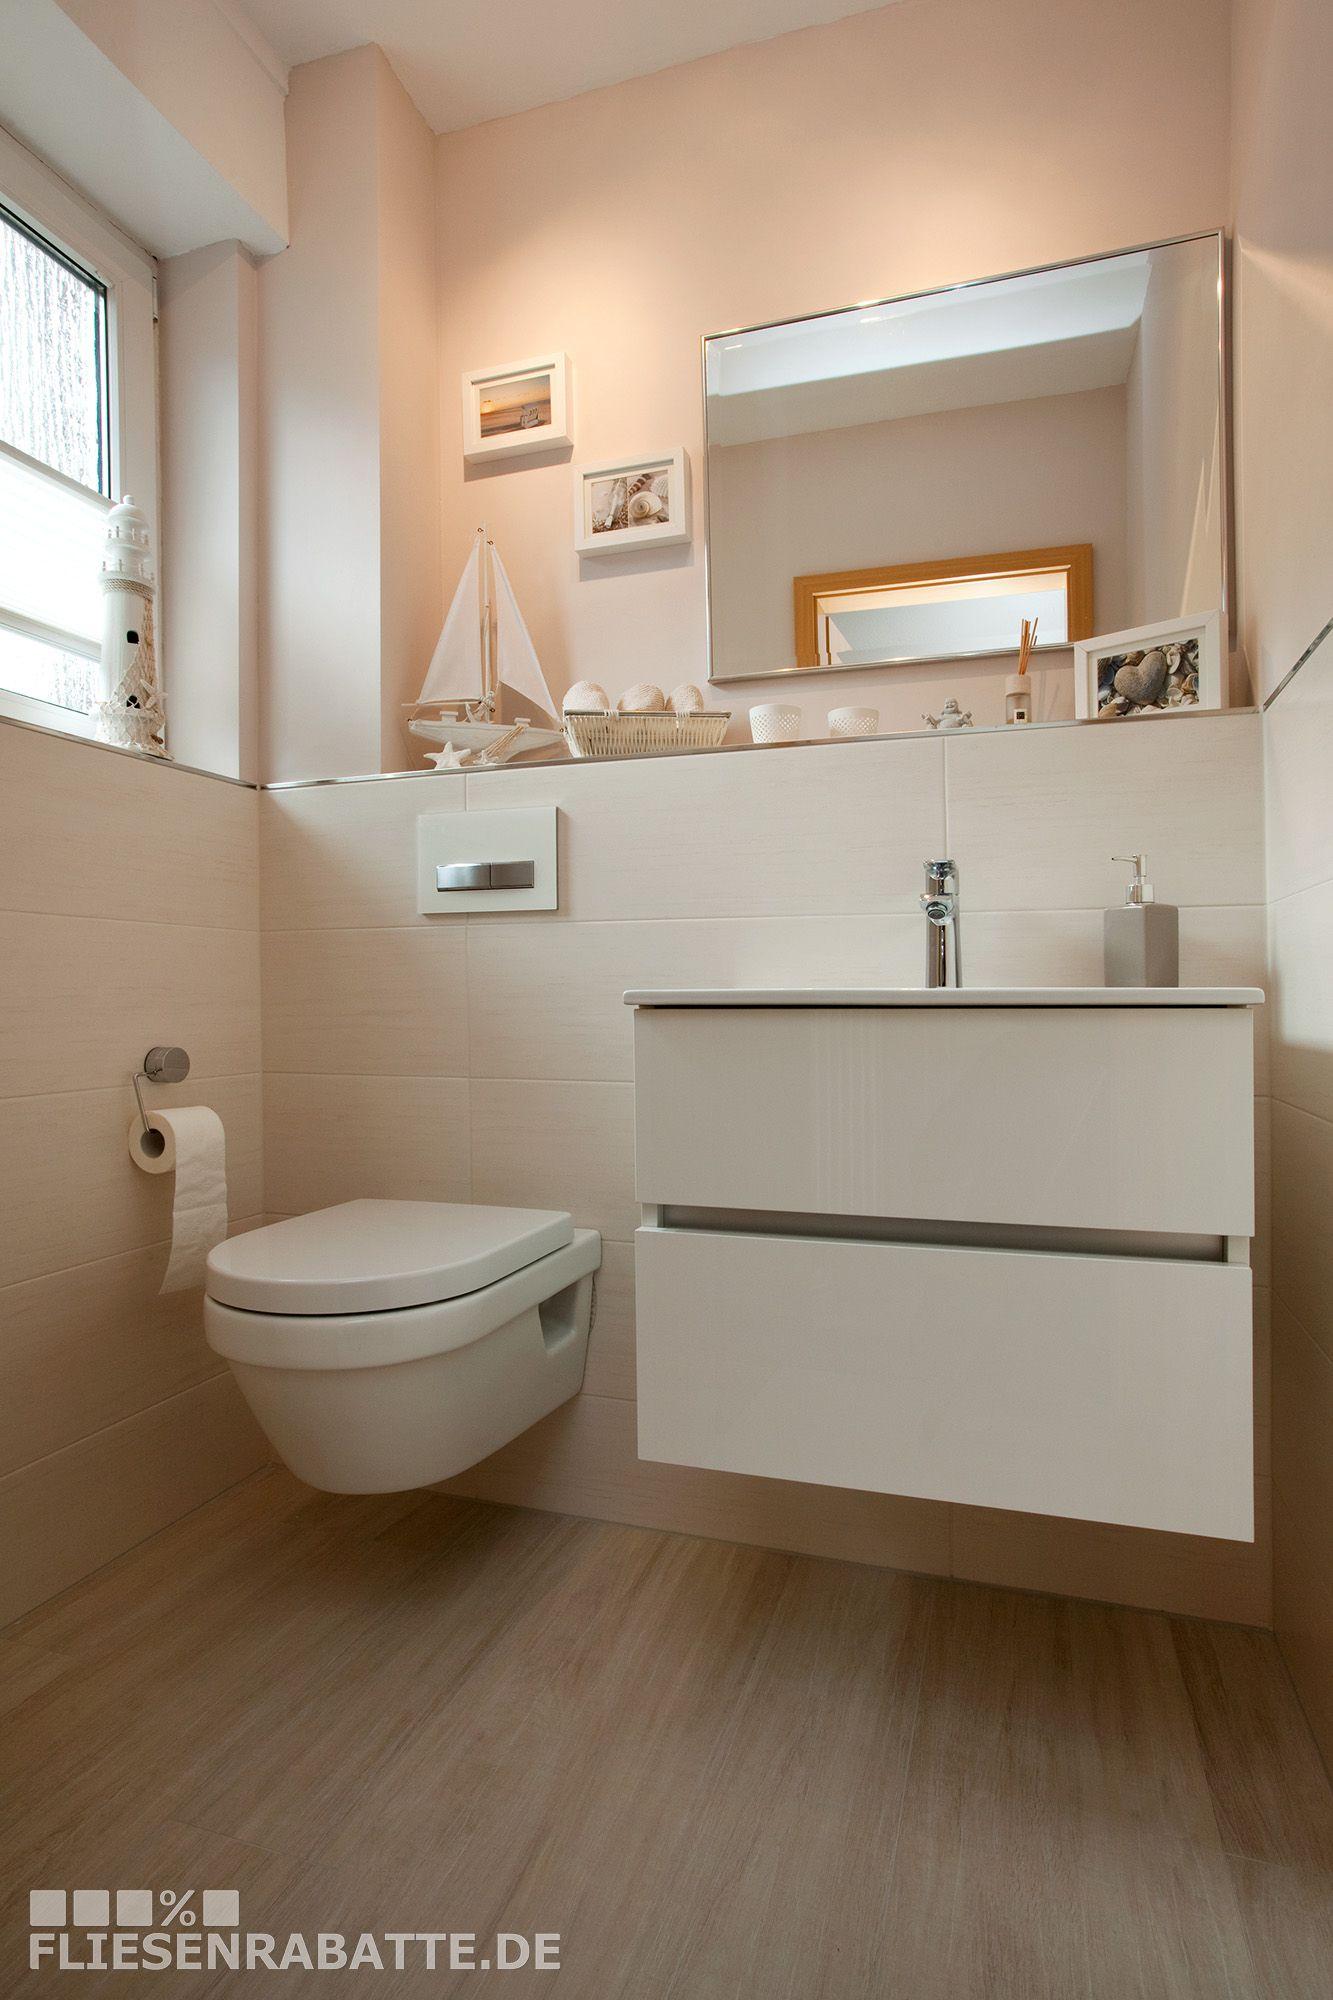 Uberlegen Verlegung Der Fliesen Vom Flur Eingangsbereich Direkt Mit In Das  Angrenzende Gäste WC.